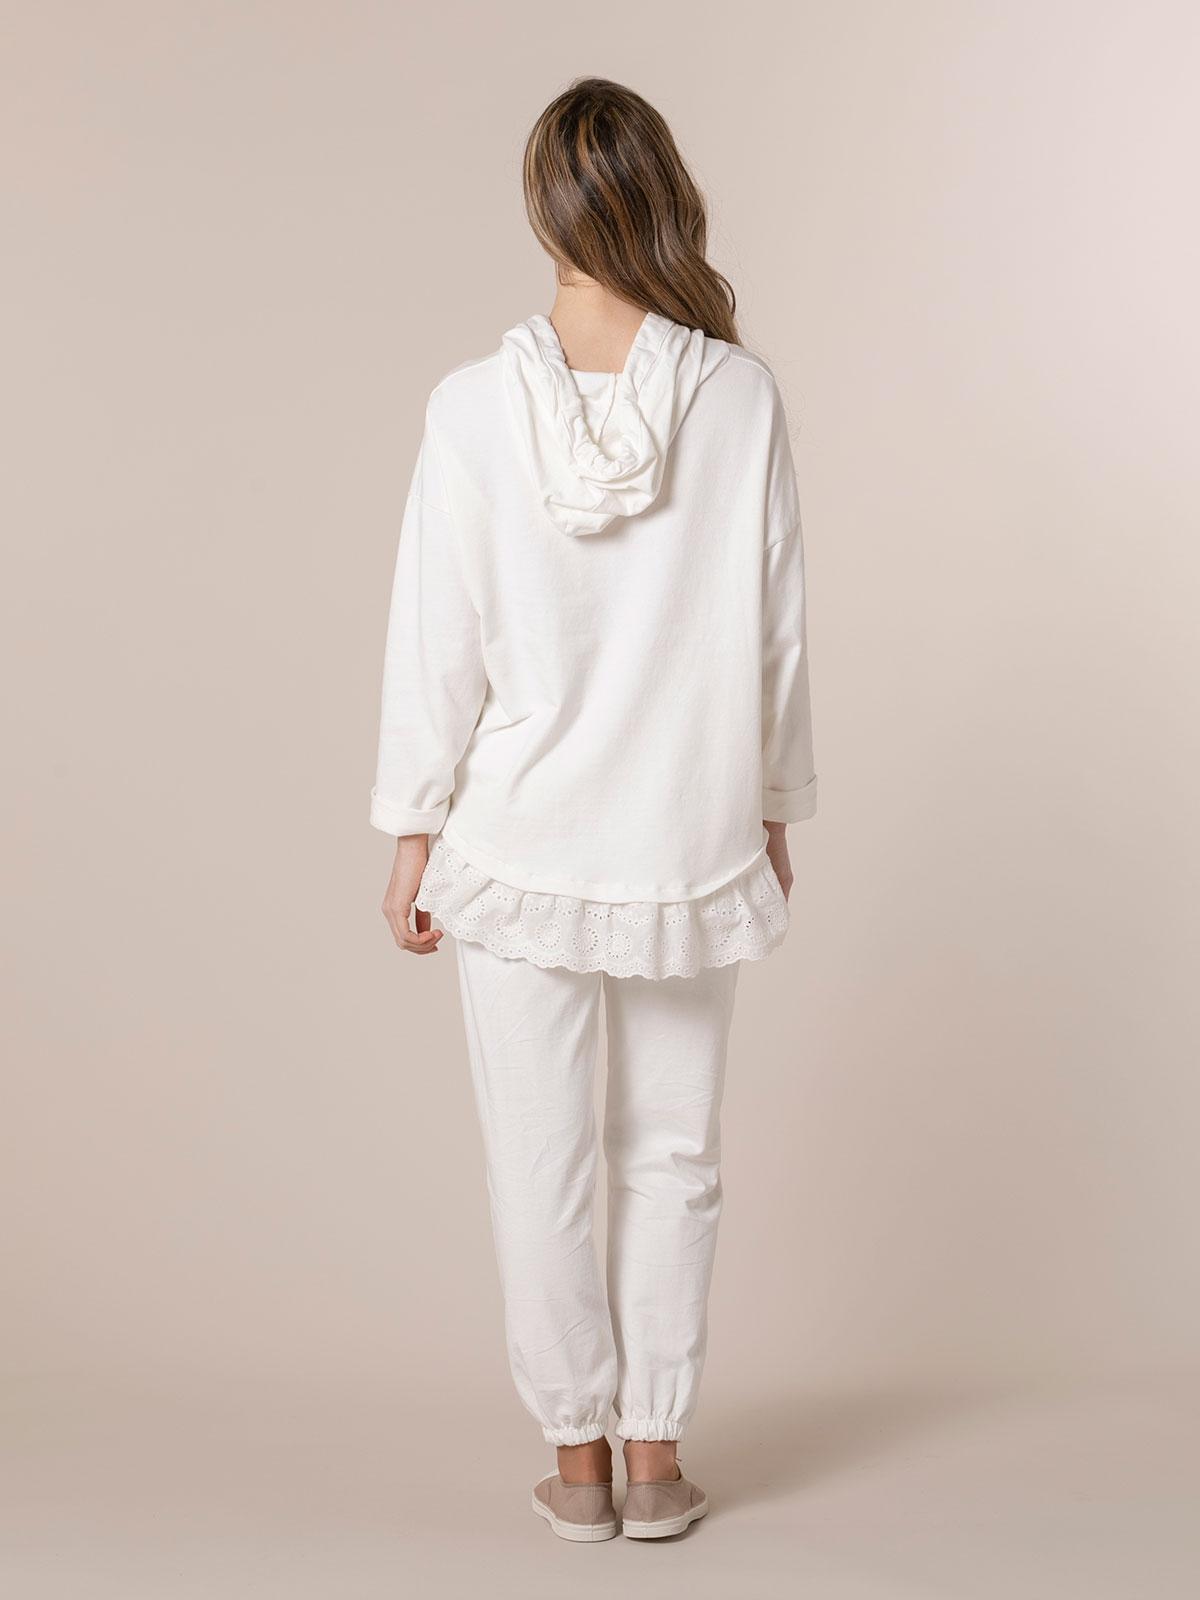 Sudadera mujer botones con encaje en bajo Blanco